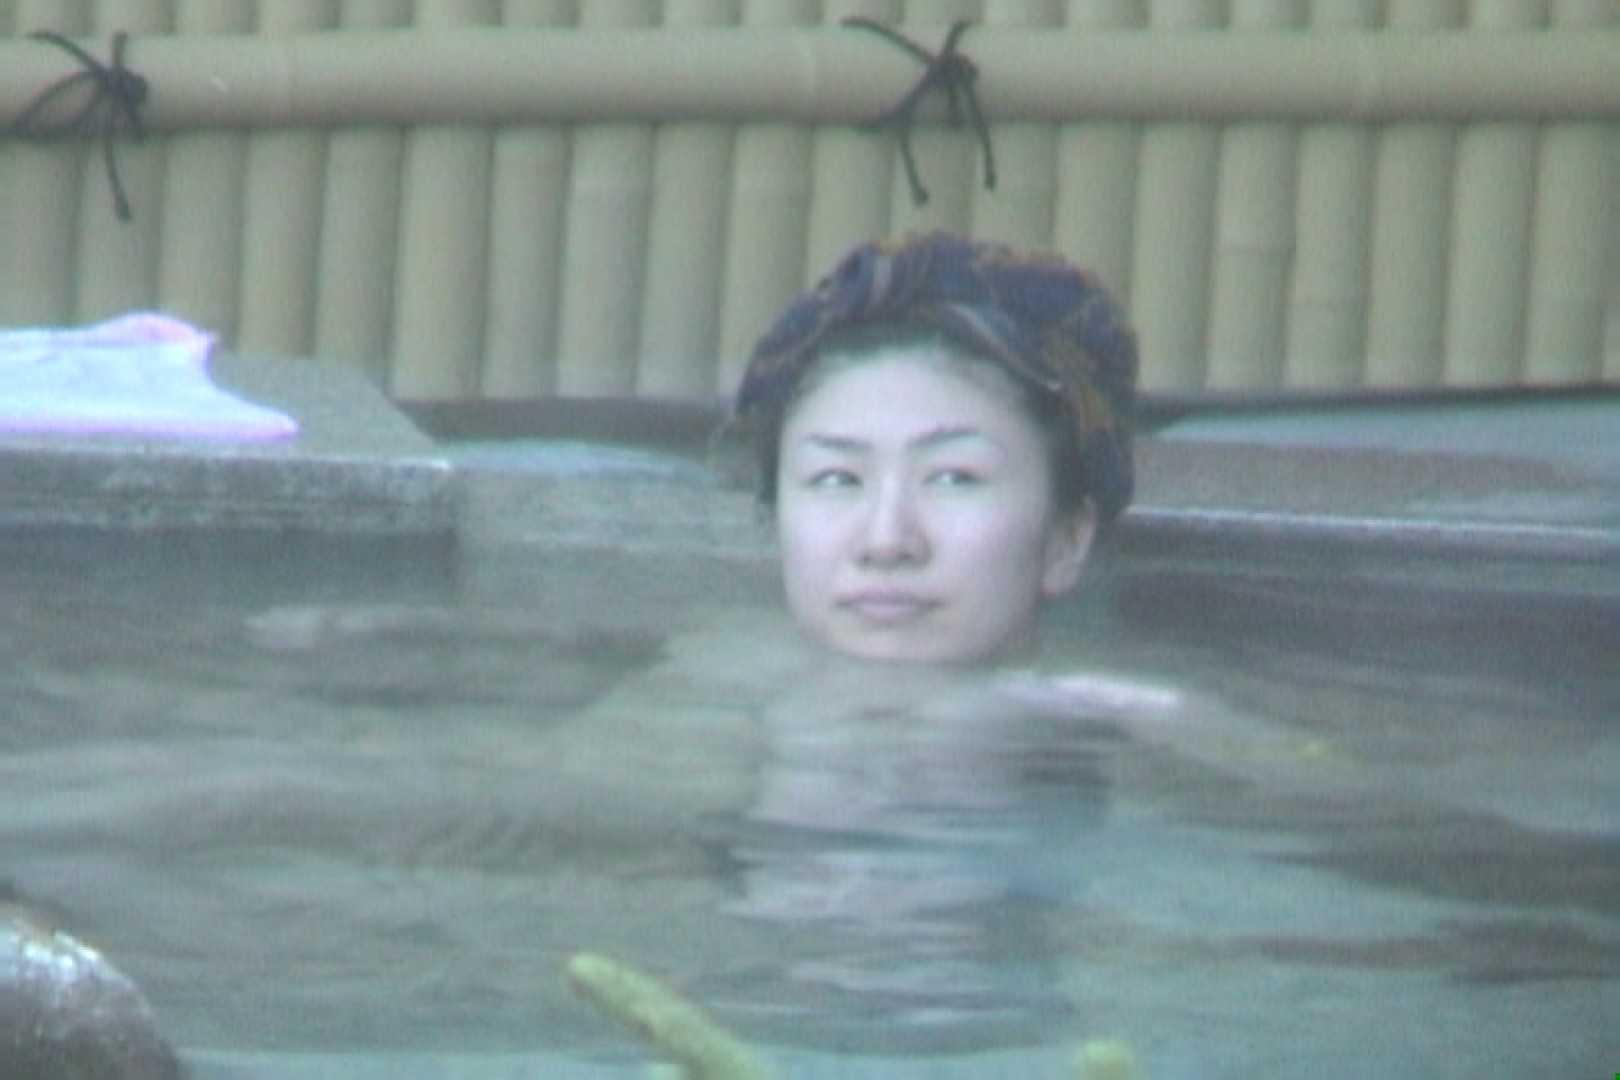 Aquaな露天風呂Vol.607 盗撮シリーズ  107PIX 4